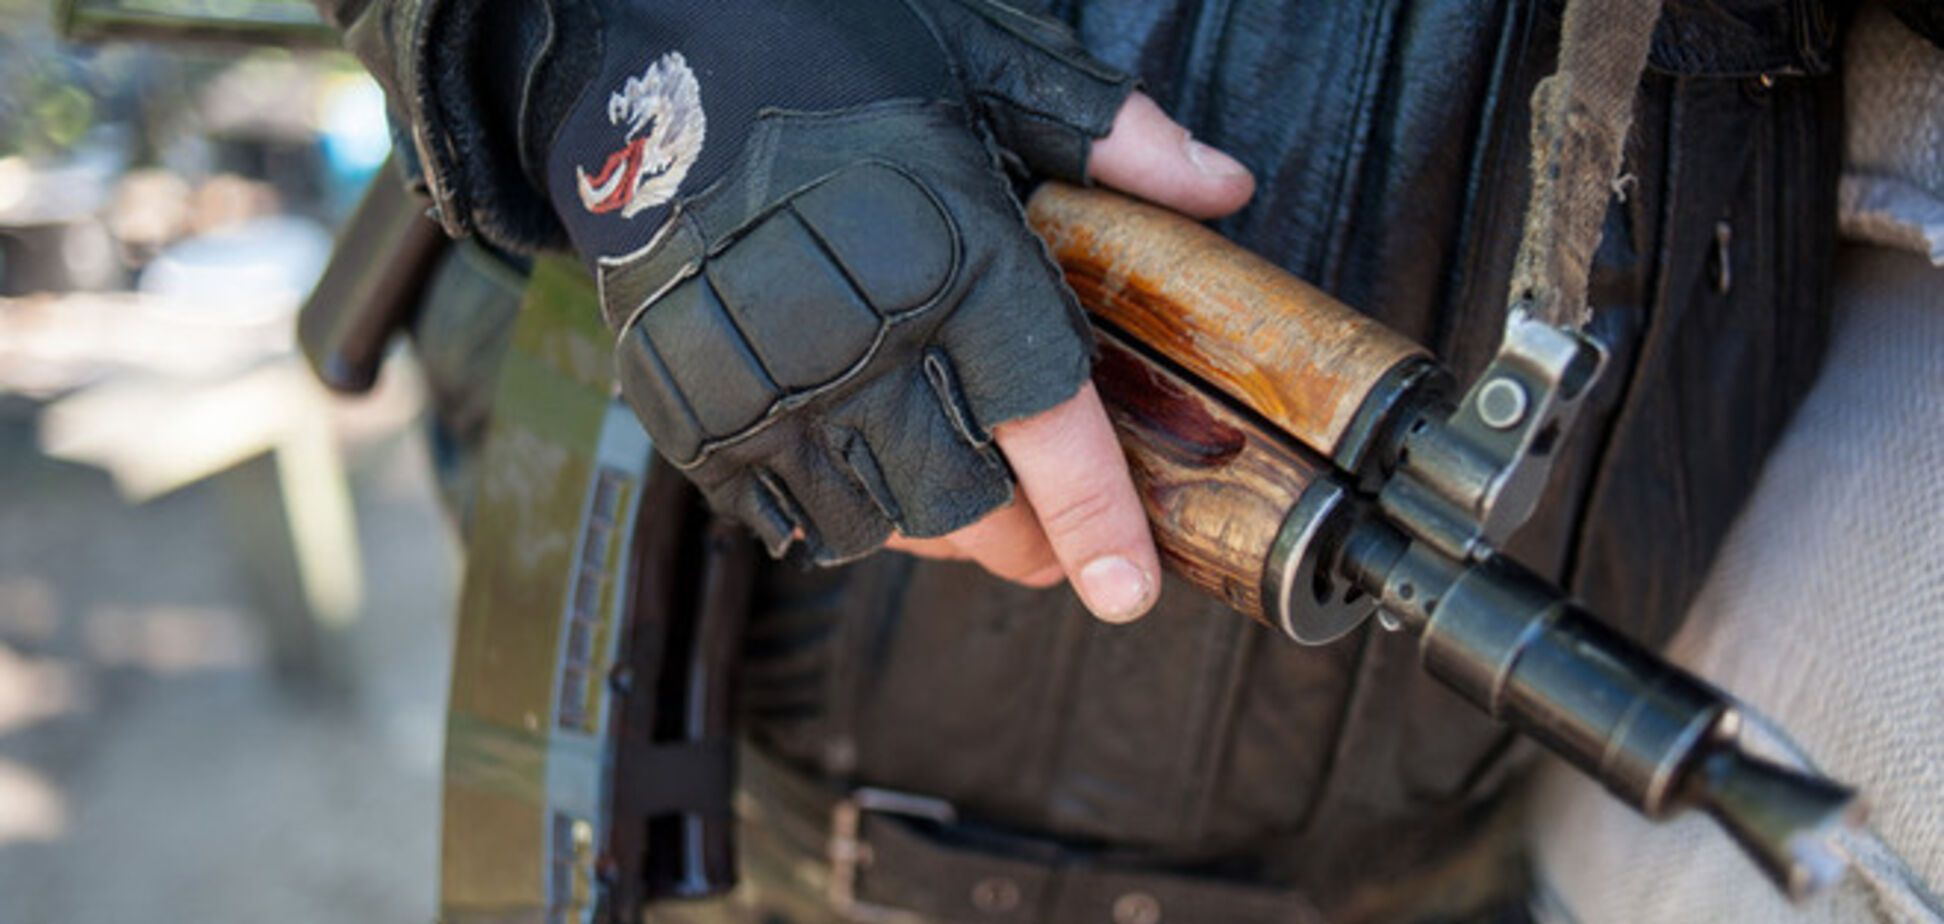 Журналист: луганчане спрашивают о правовых основаниях отстрела террористов